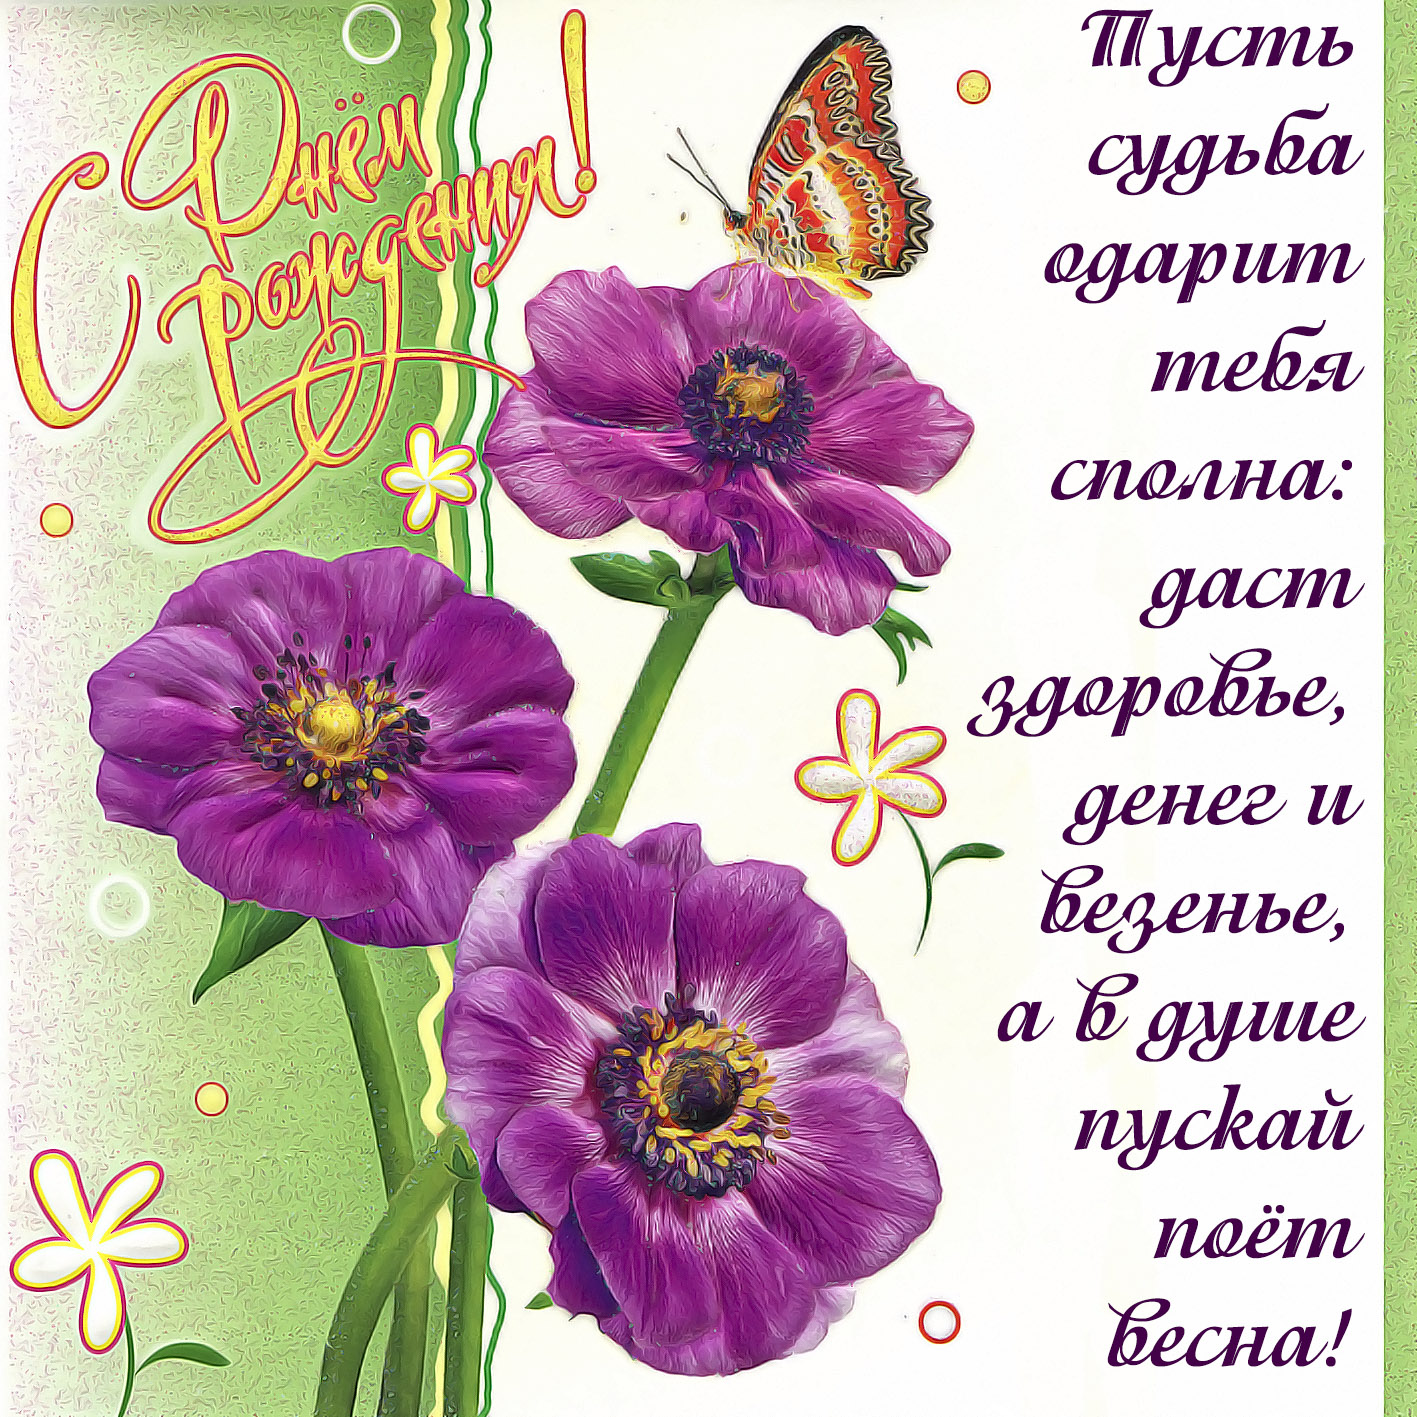 Поздравления с днём рождения женщине, Красивые открытки поздравления